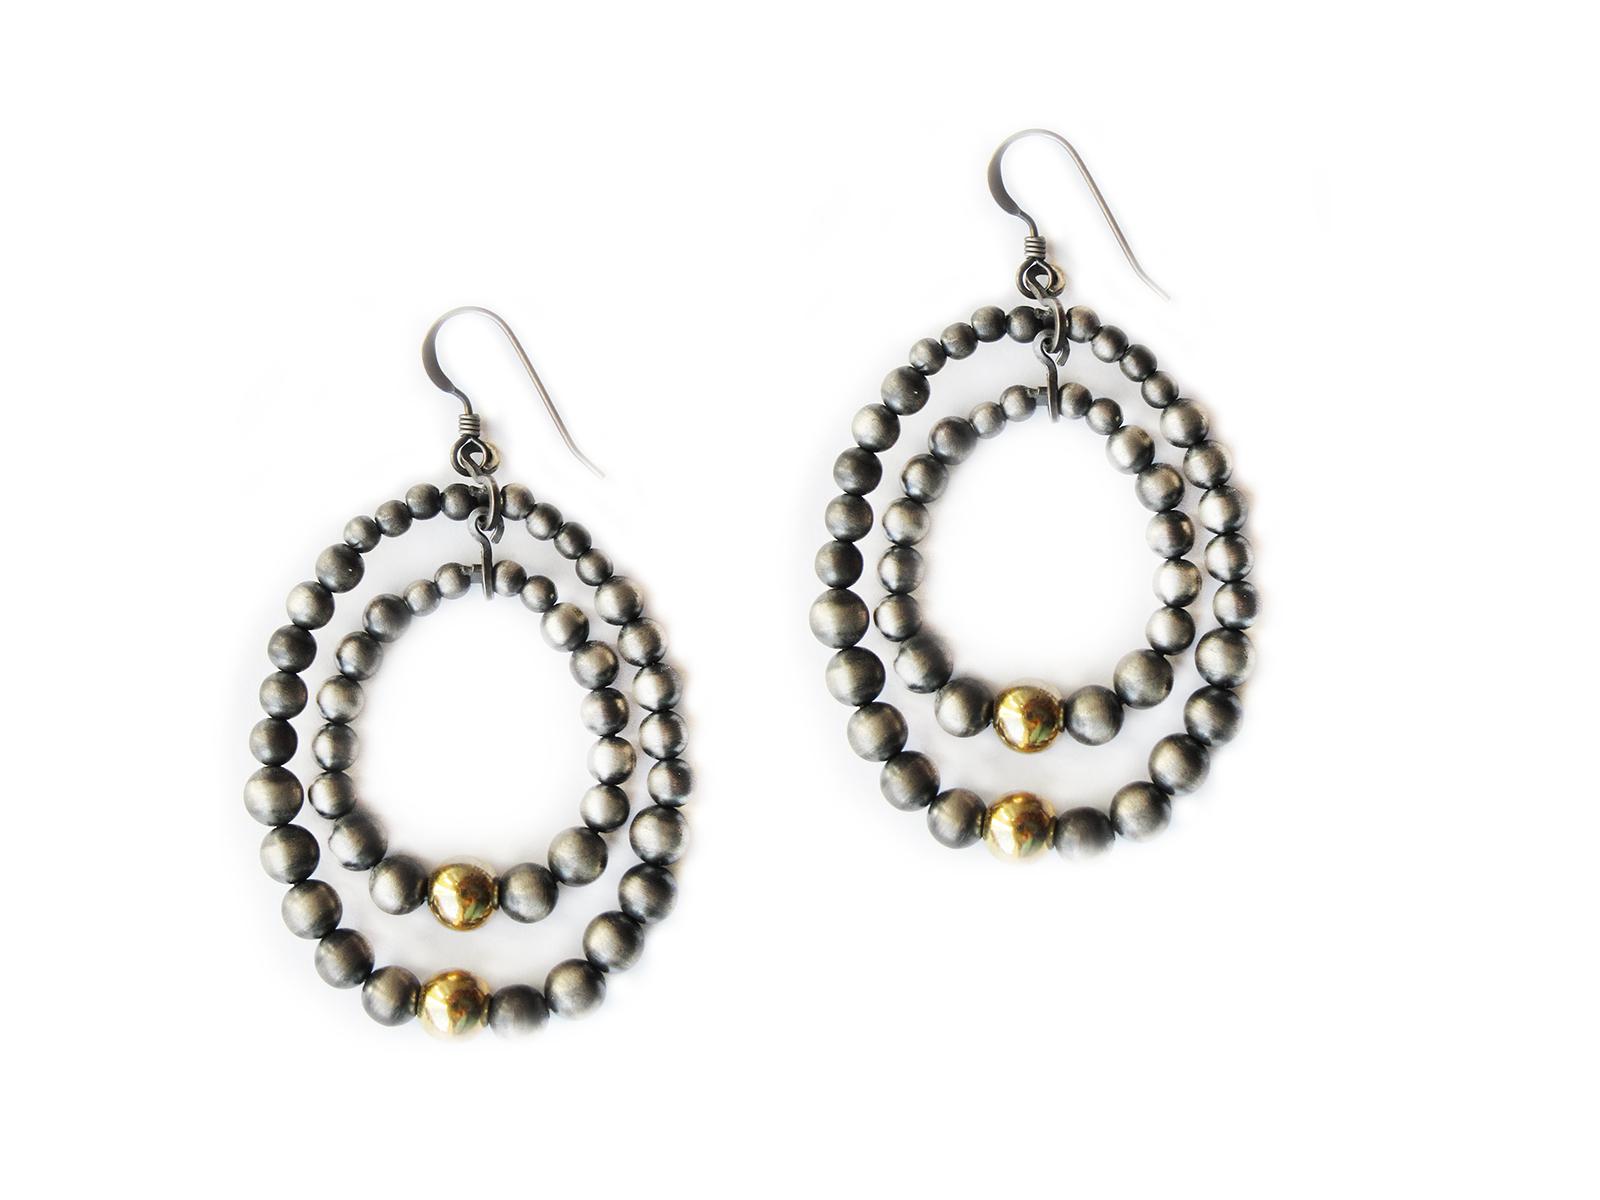 Double Hoop Oxidized Sterling Silver Bead Earrings